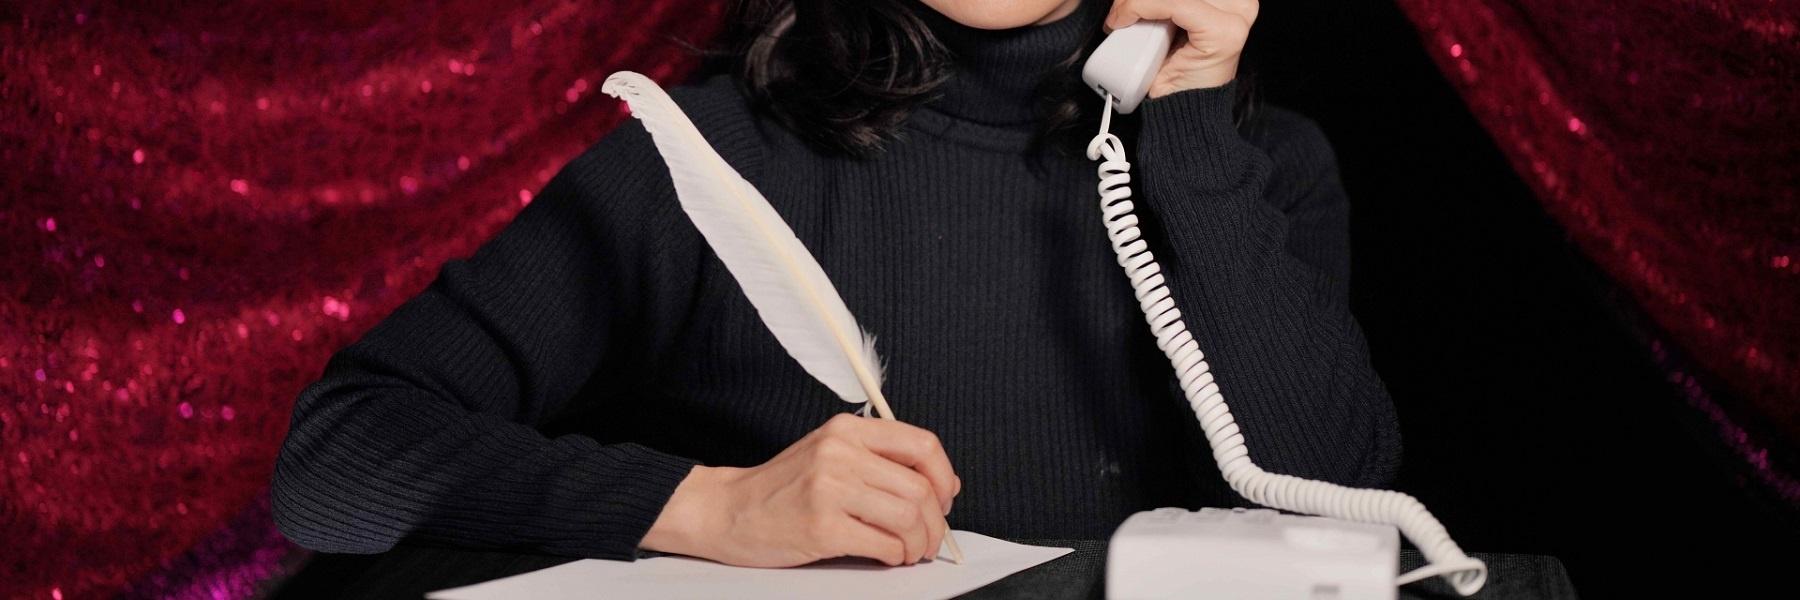 電話占い師